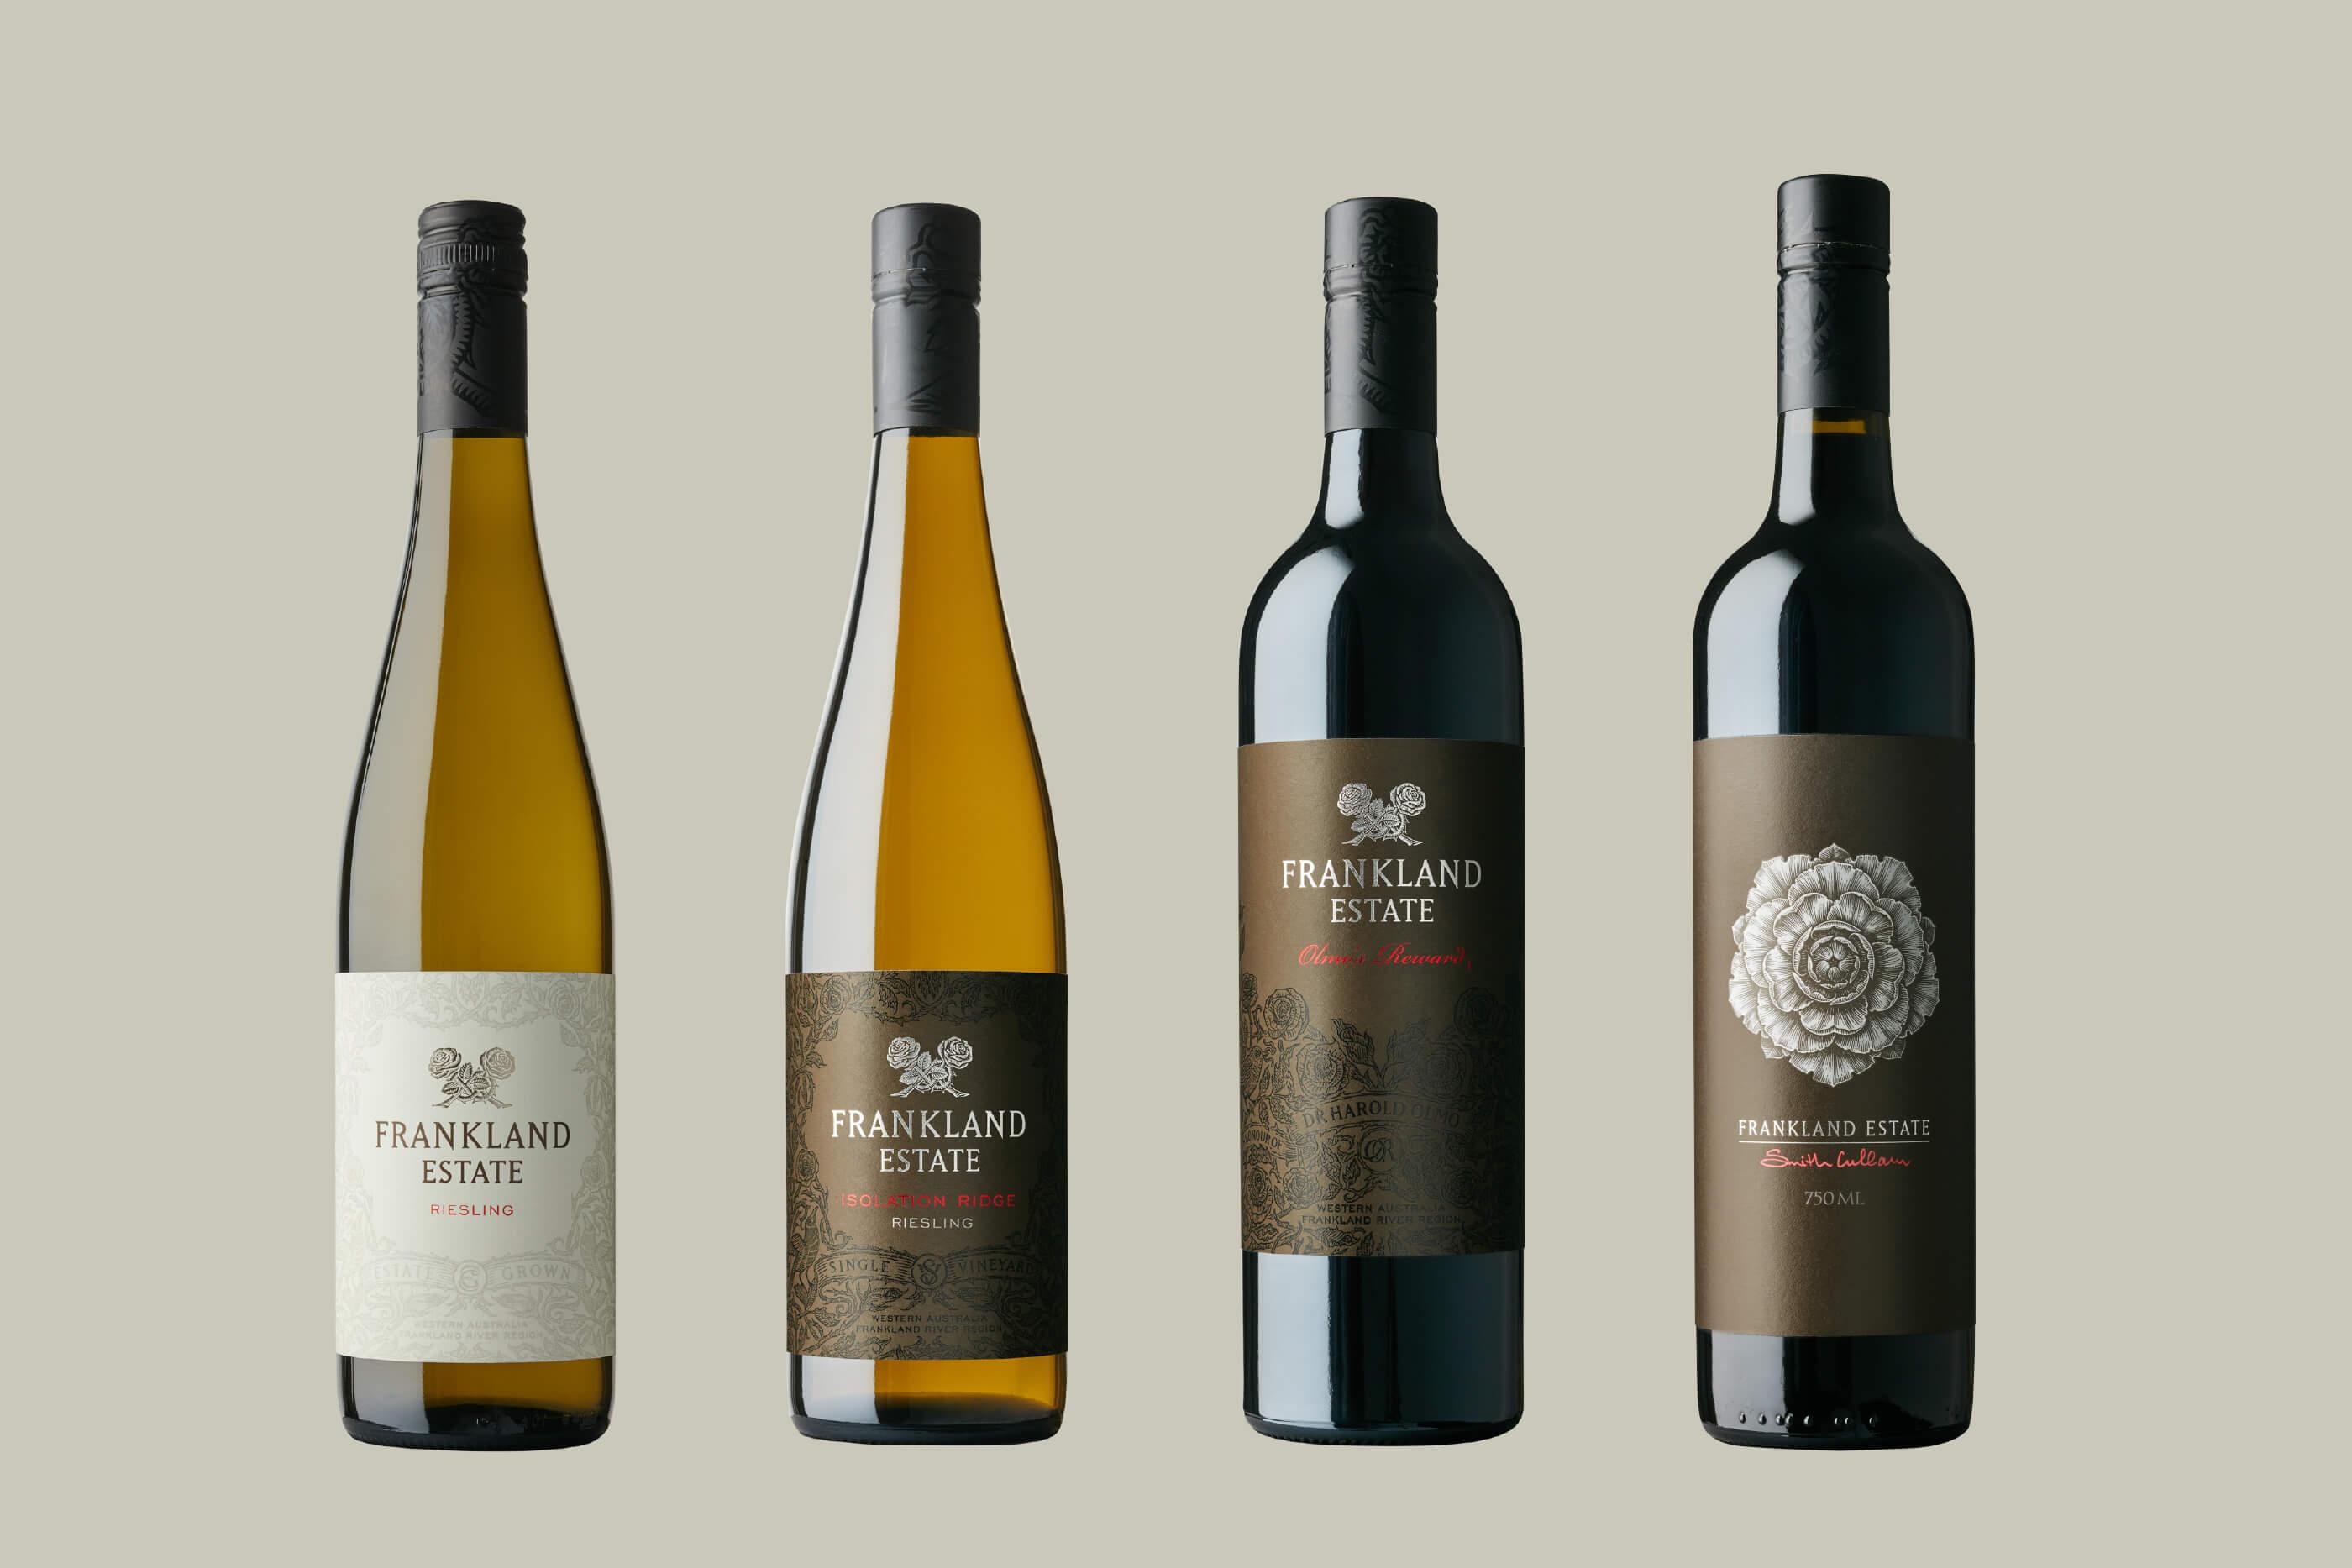 frankland_estate_wine_range